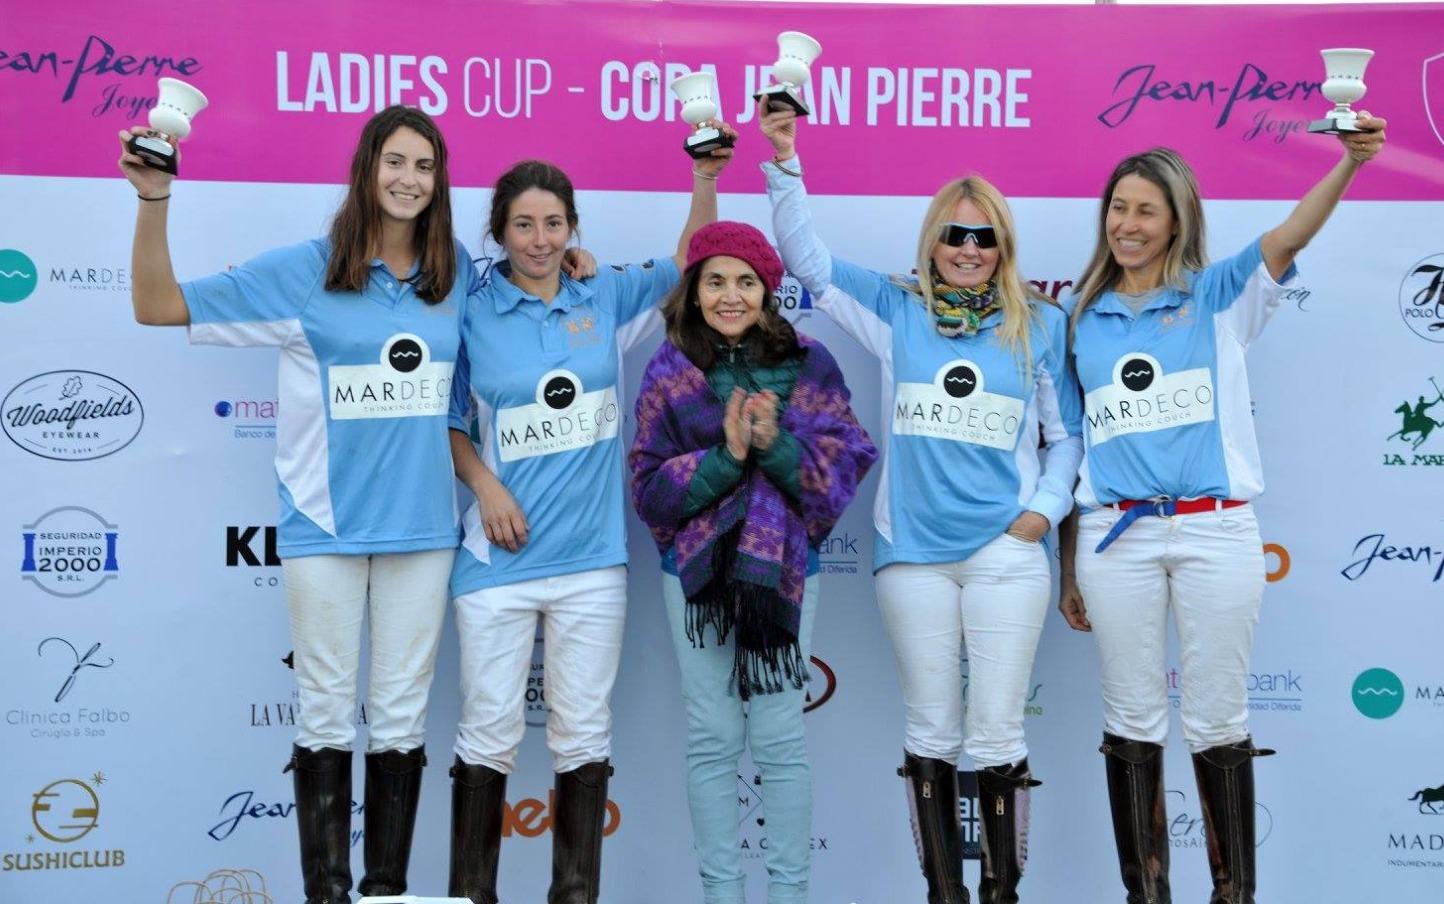 LaProvidencia-LadiesCup-Campeones-Mardeco_edited